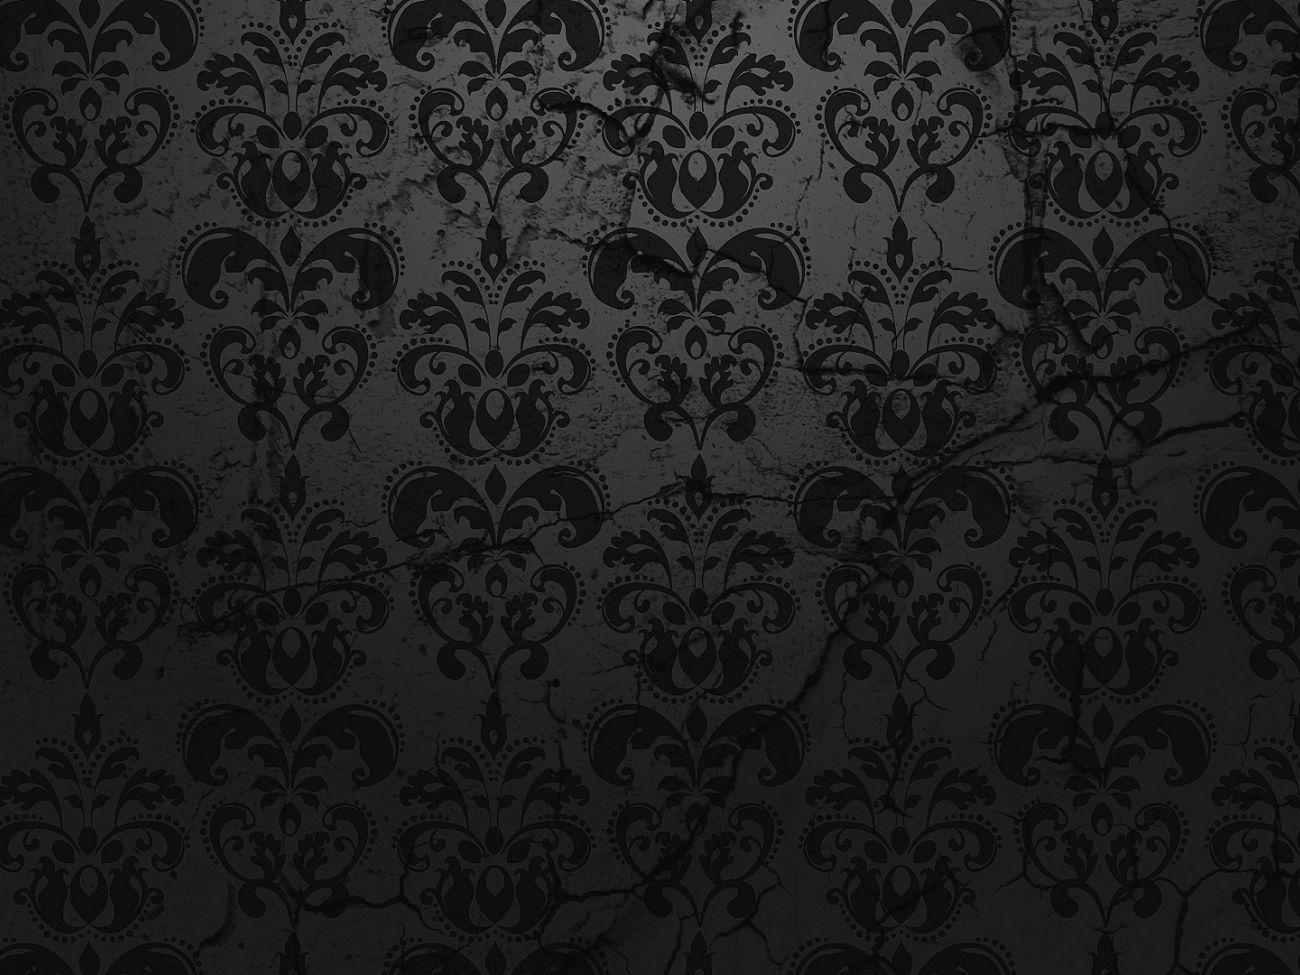 Download Black Wallpaper Download For Mobile High Quality Hd Wallpaper In 2k 4k 5k 8k 10k R Black Background Wallpaper Plain Black Wallpaper Textured Wallpaper